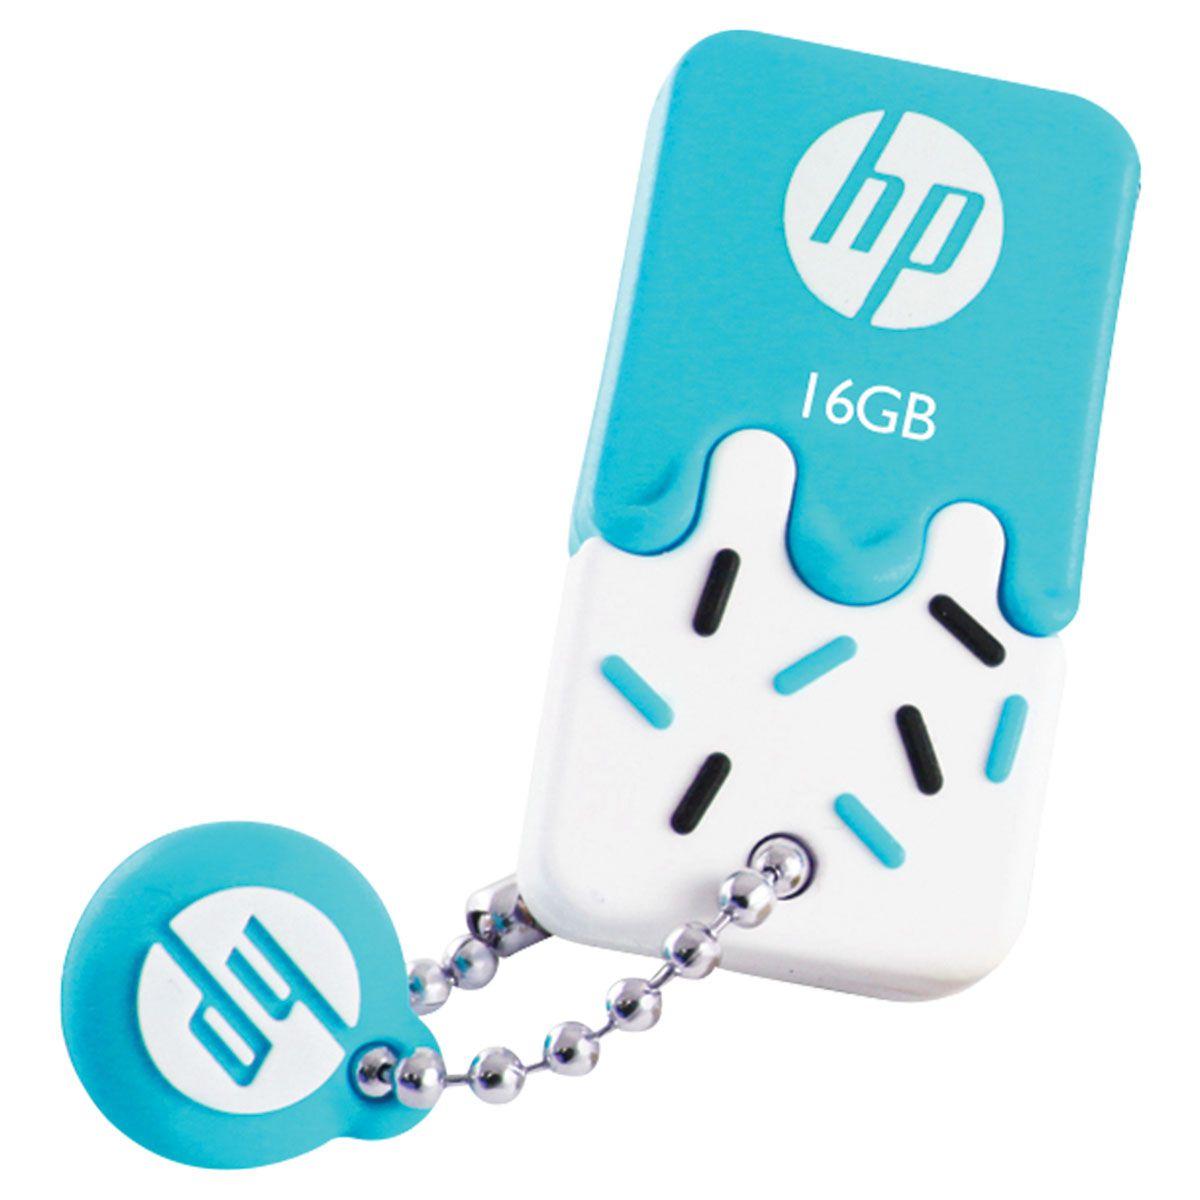 Pen Drive Mini HP USB 2.0 V178B 16GB AZUL HPFD178B-16